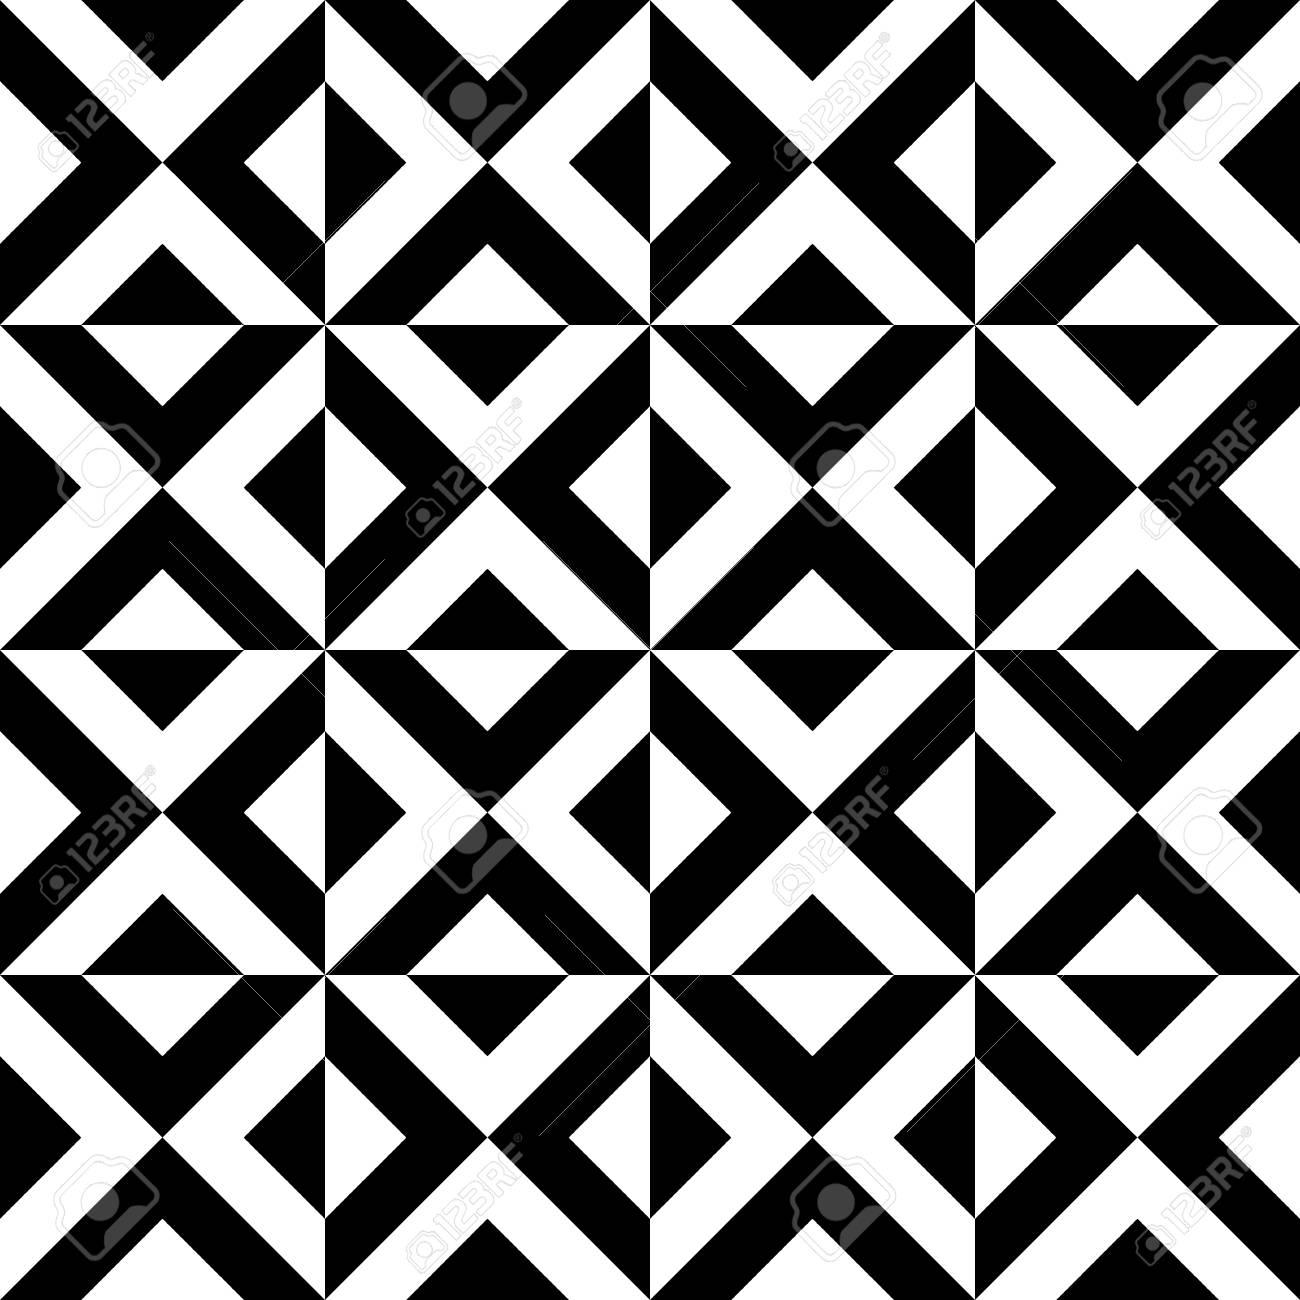 motifs geometriques arabes modeles sans couture de triangles decoratifs noir et blanc papier peint design d interieur texture extensible de